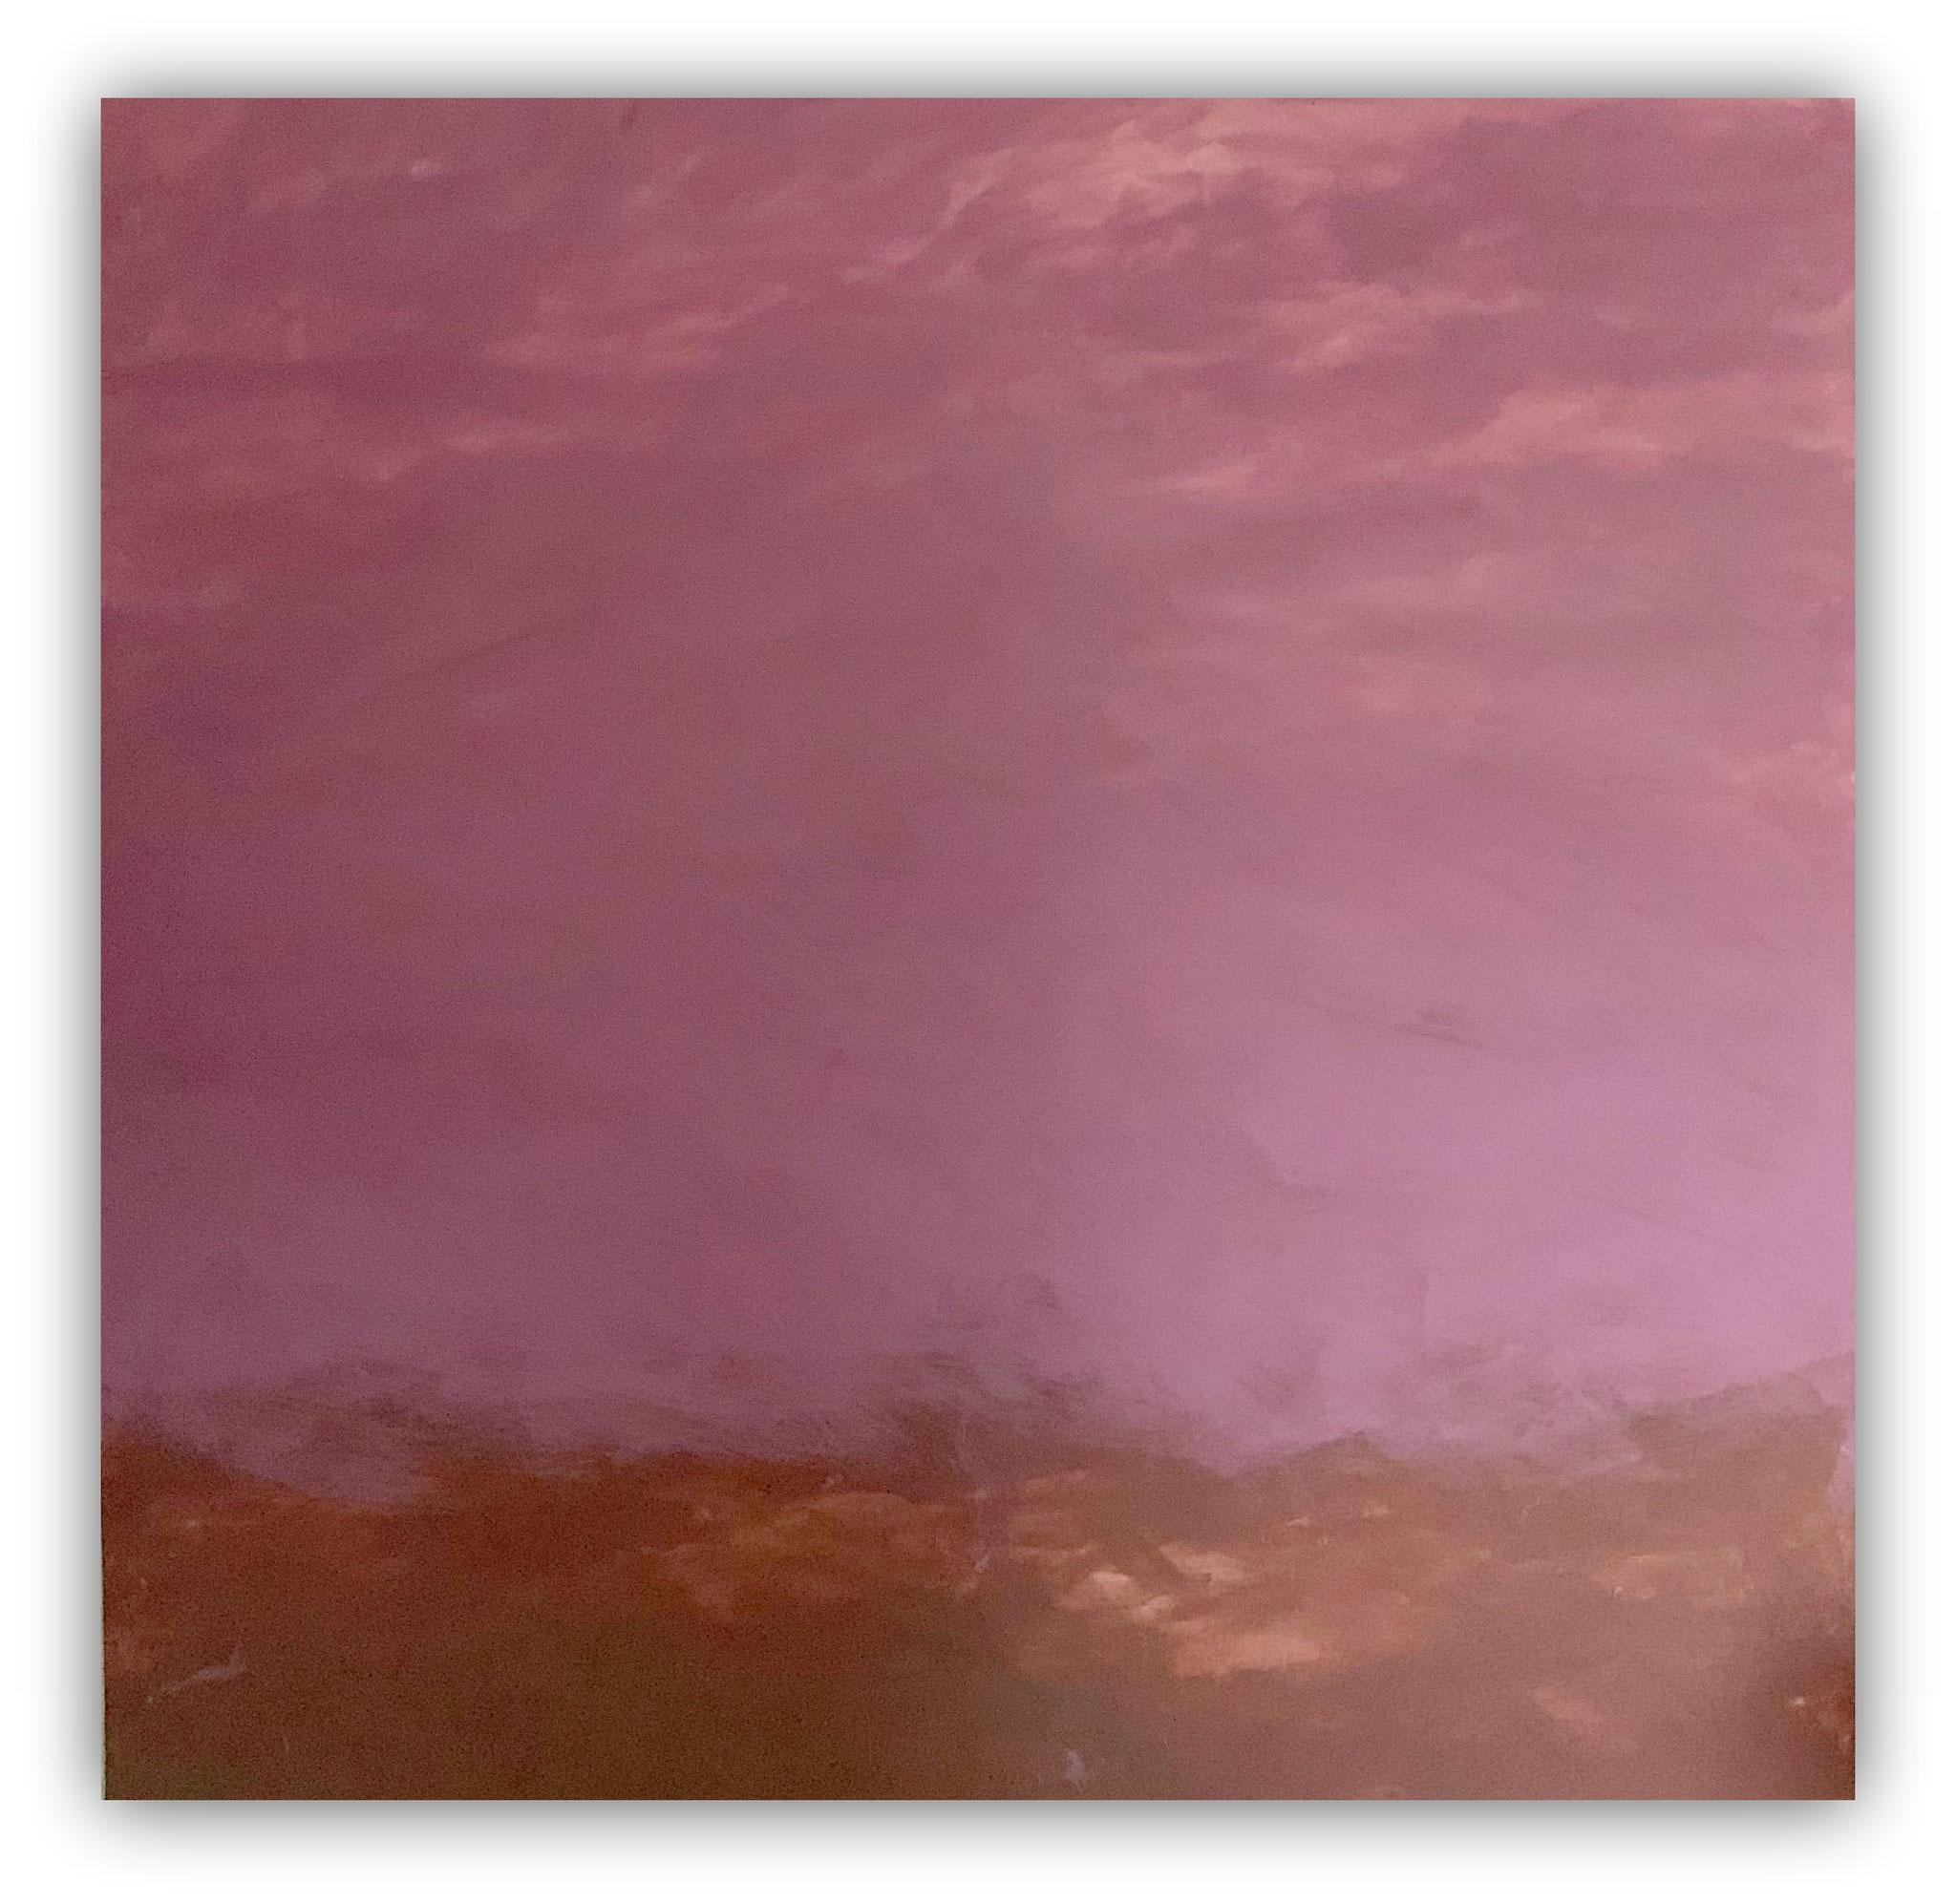 Ybbsufer 162 x 162 cm/ Dispersion  auf Leinen